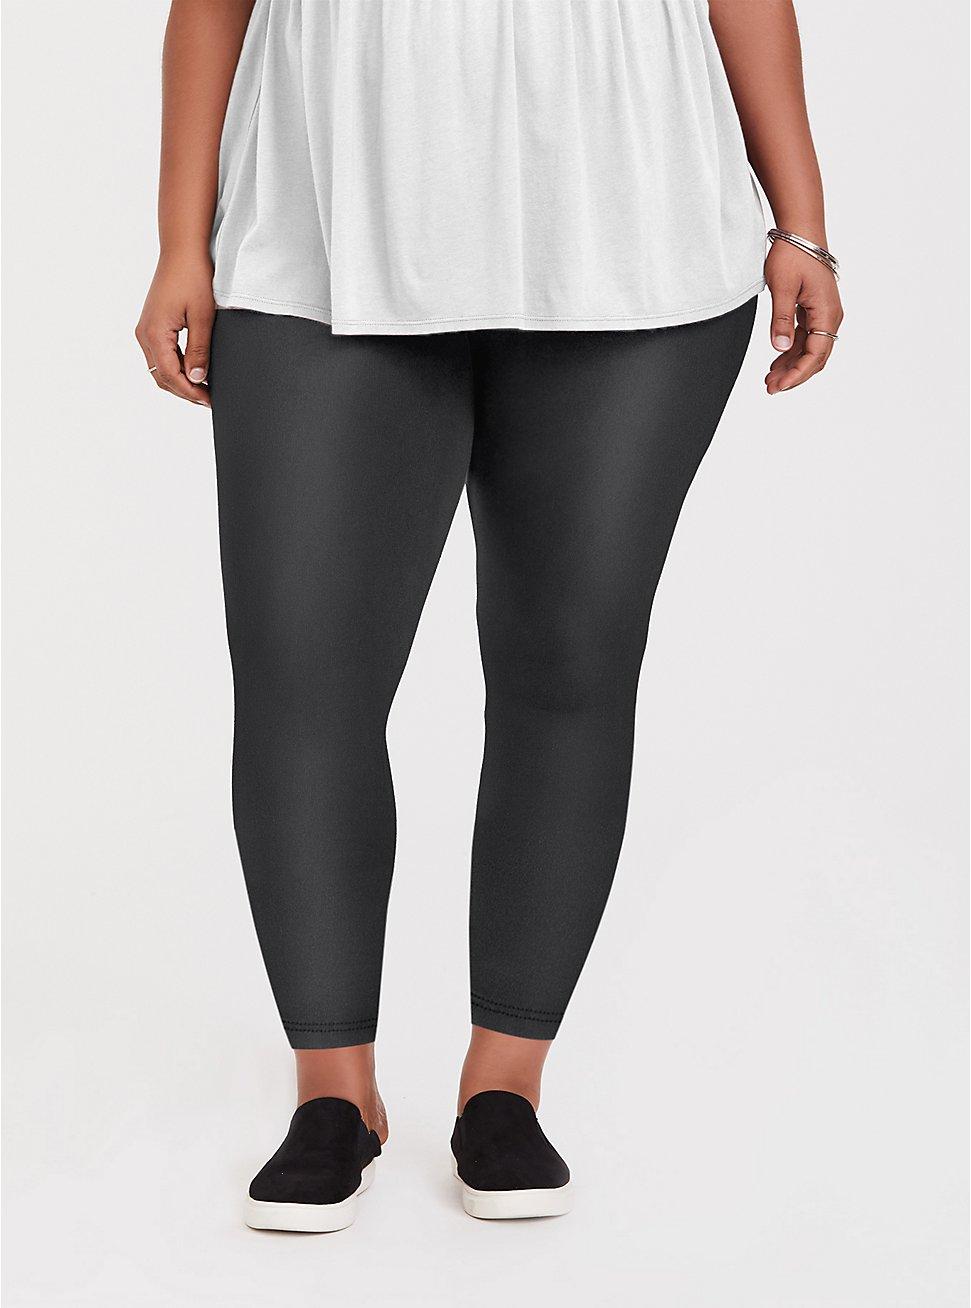 Crop Platinum Legging - Faux Leather Black, BLACK, hi-res